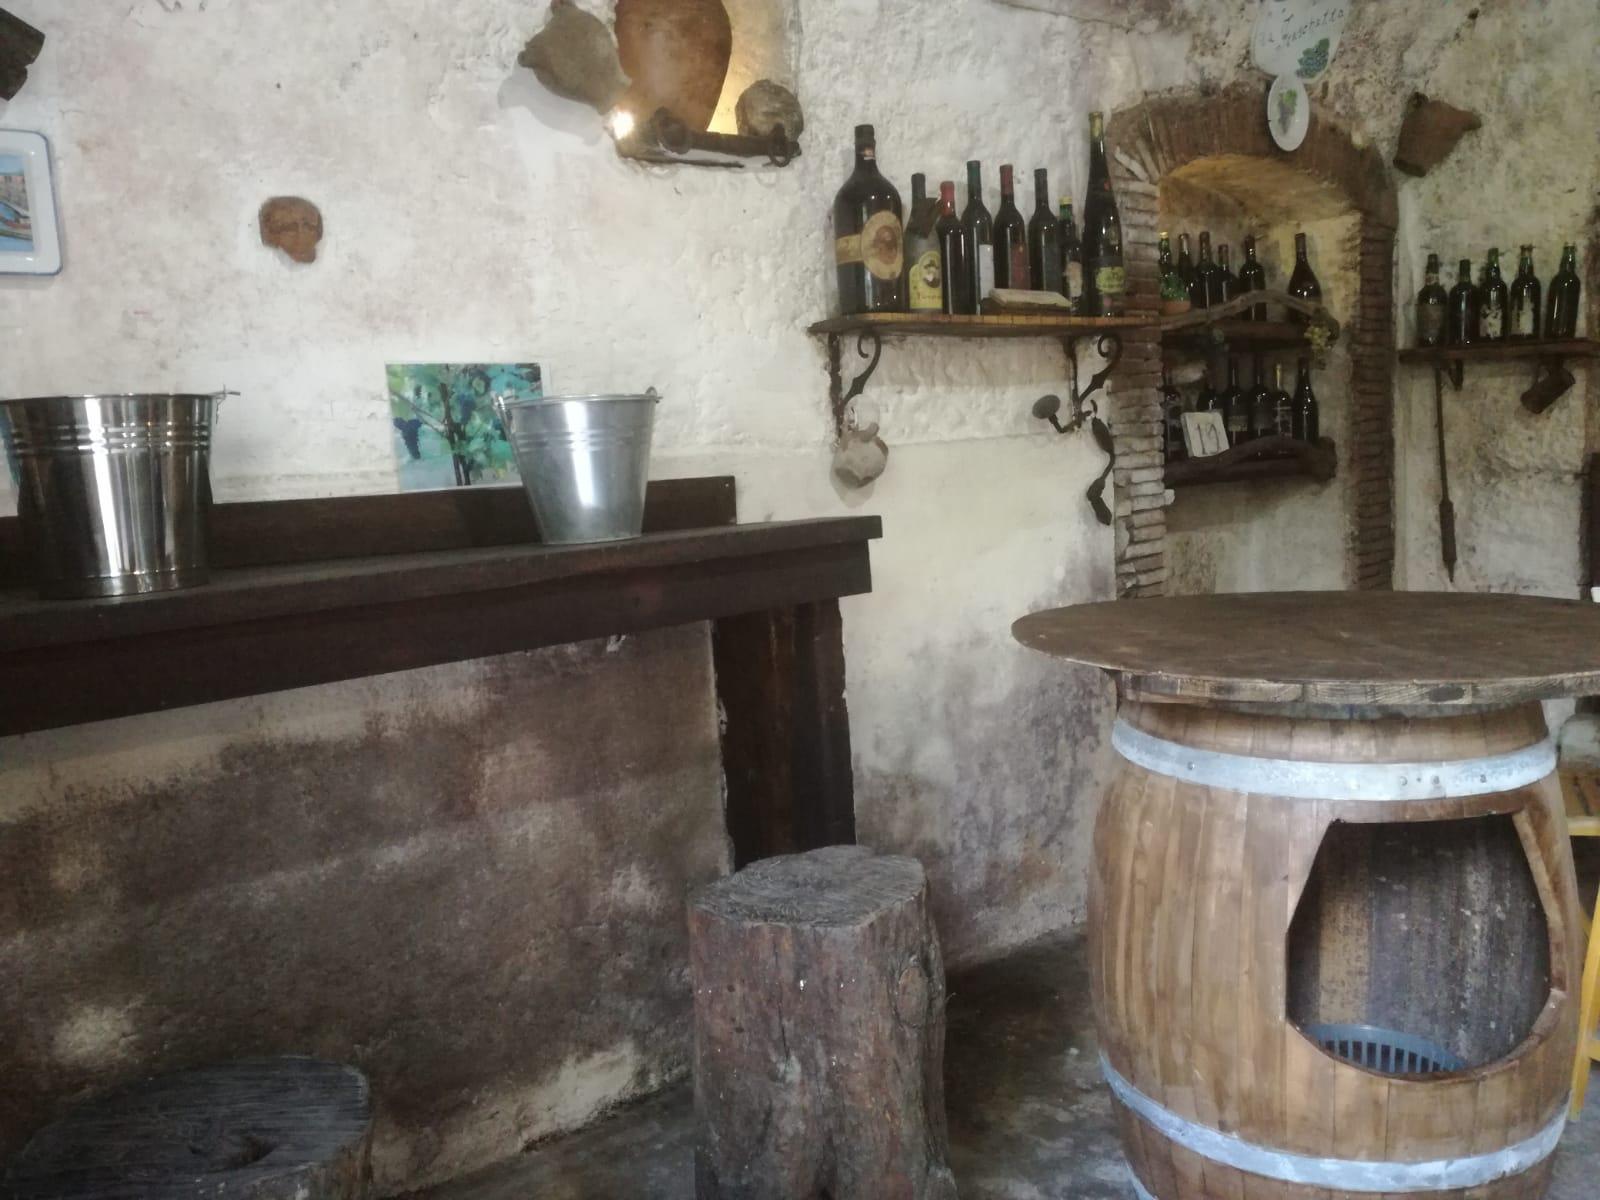 degustazione vini nelle cantine di Vairano Patenora